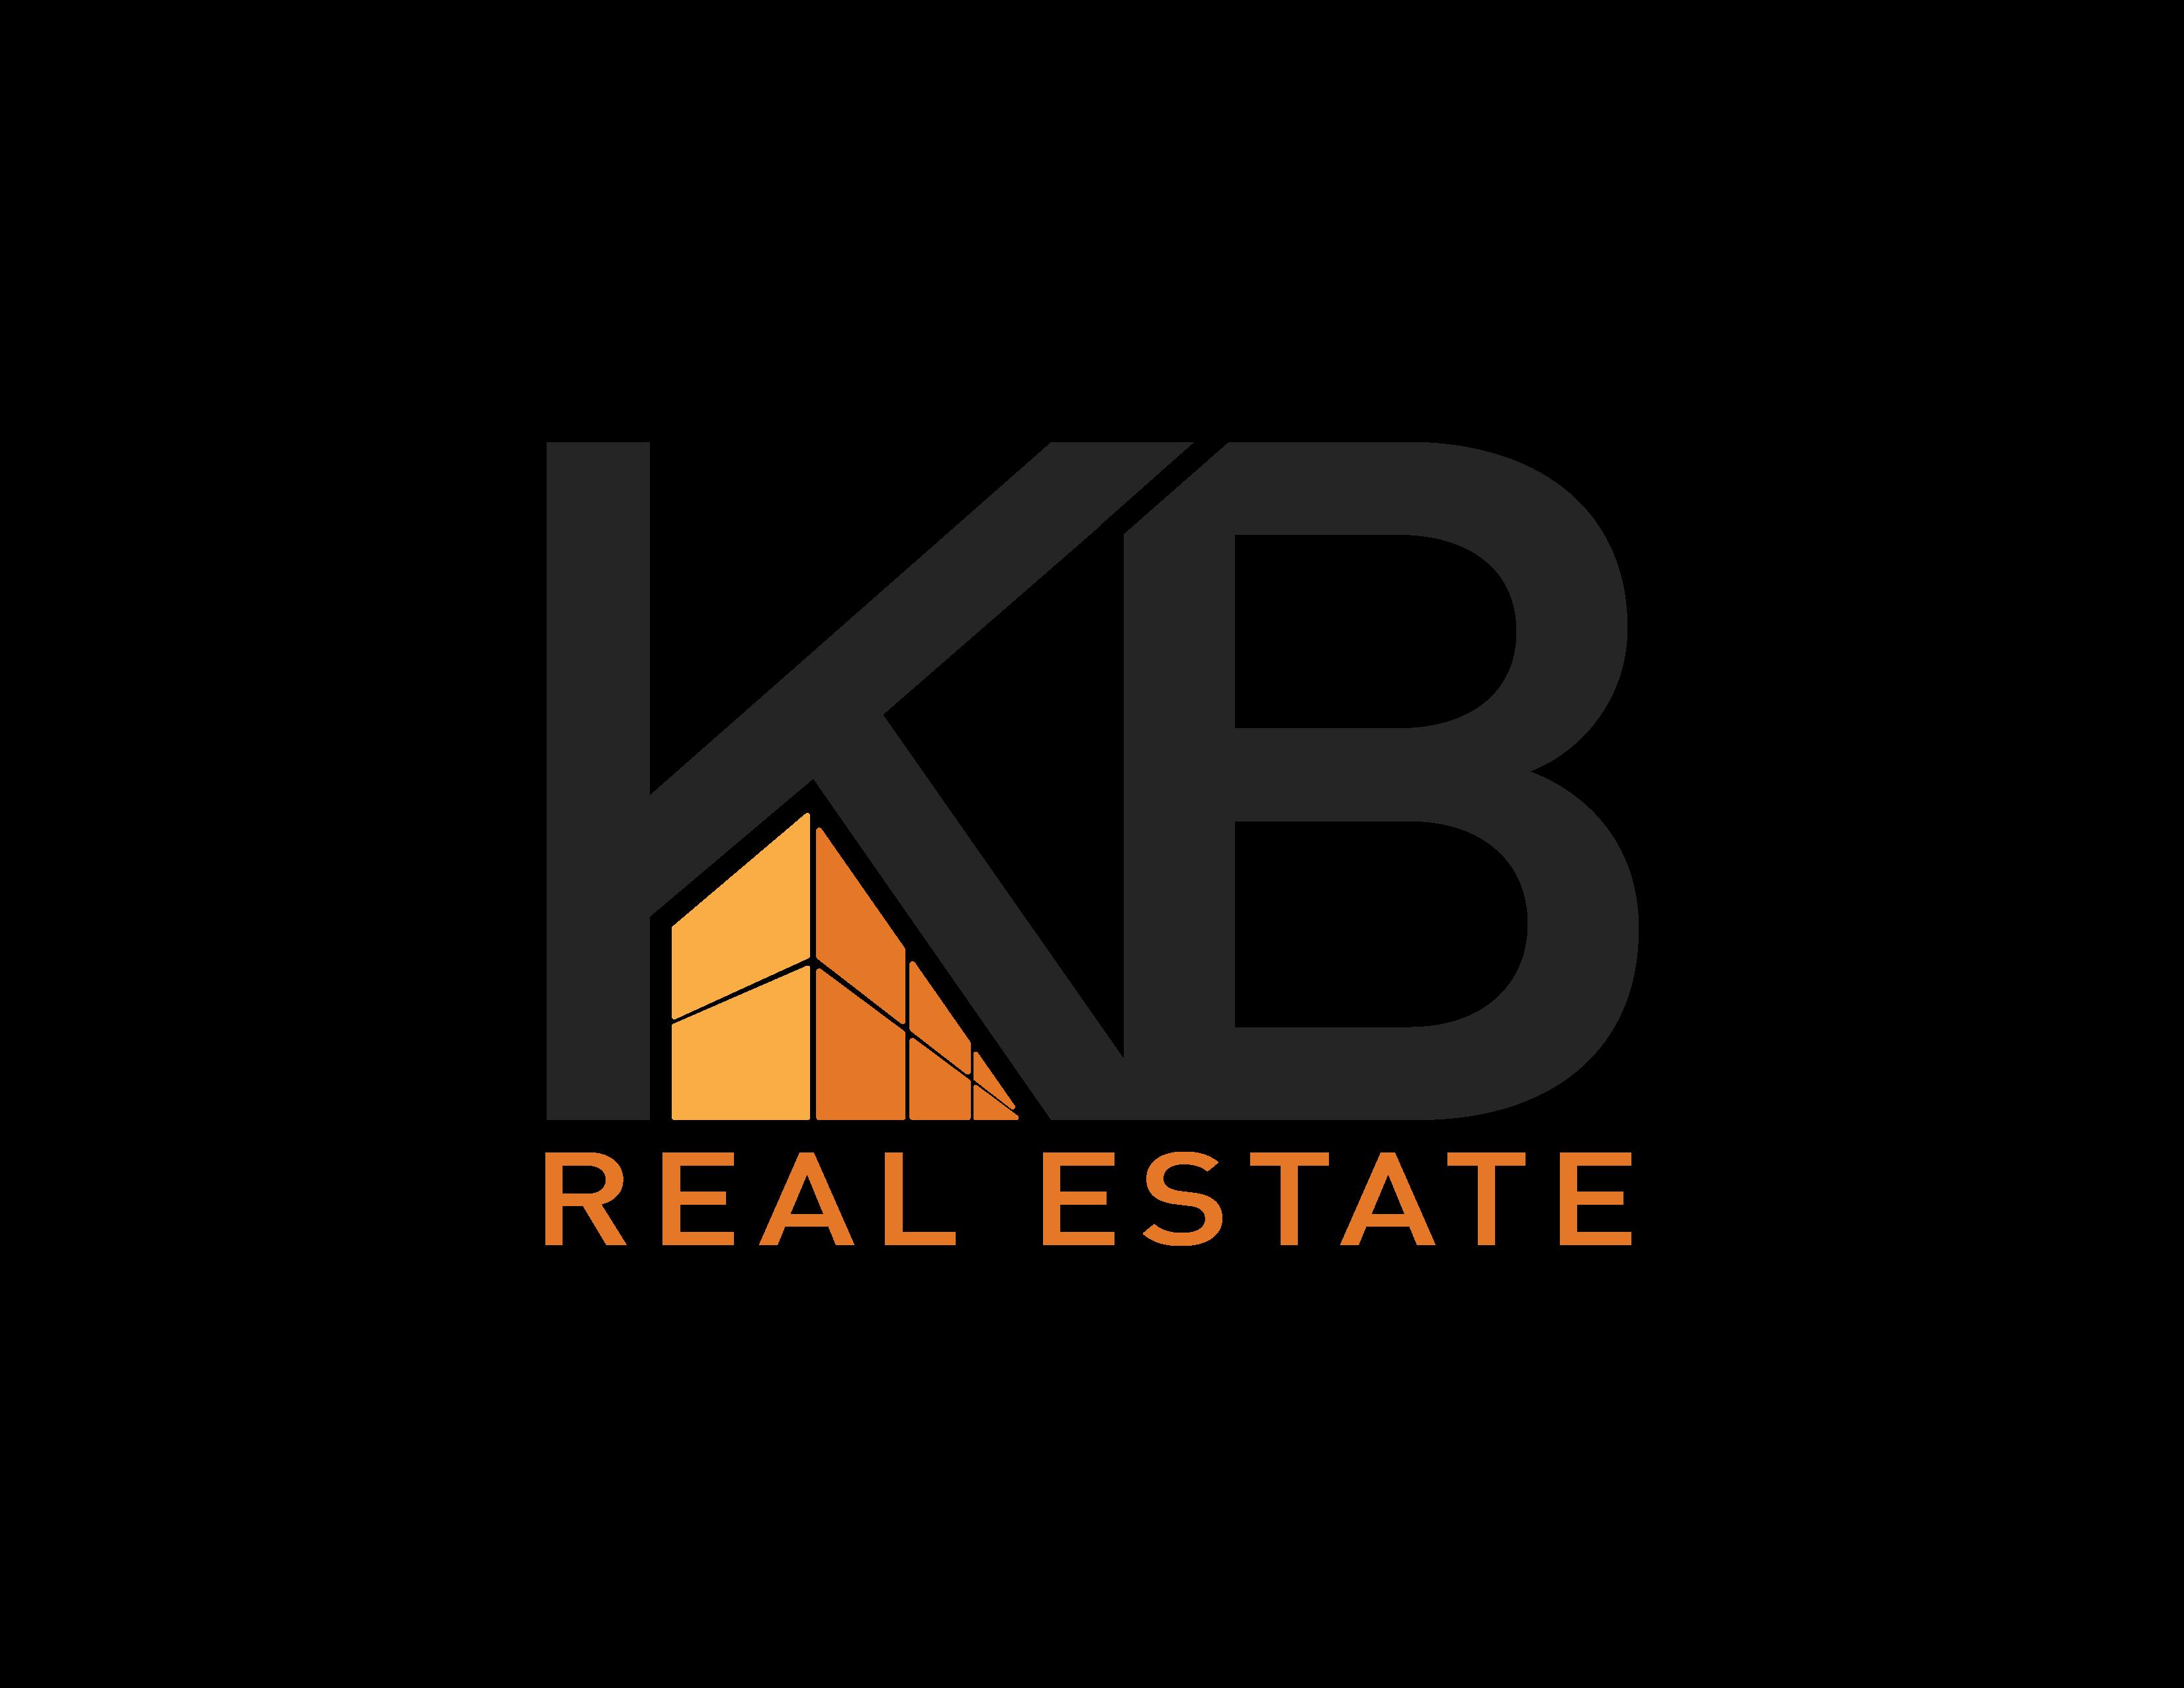 KBRealEstate-Transparent-01